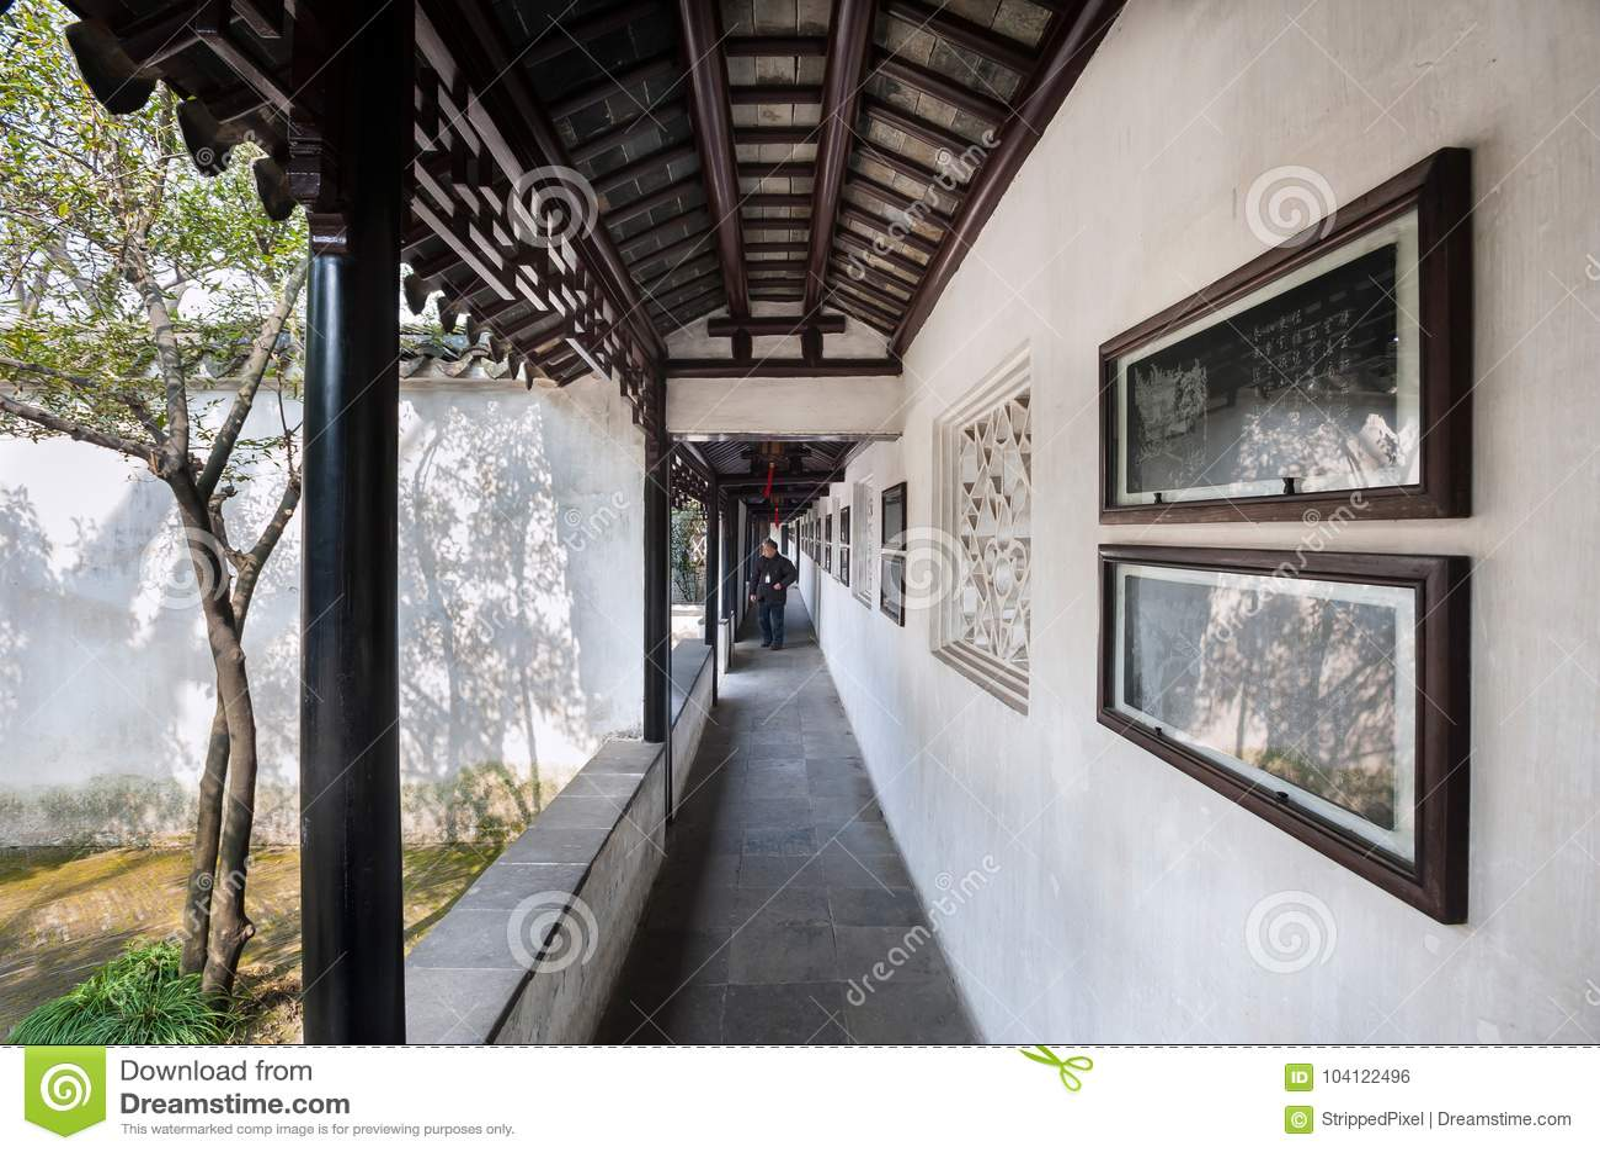 Outdoor cloister at the Lion Grove Garden, Suzhou